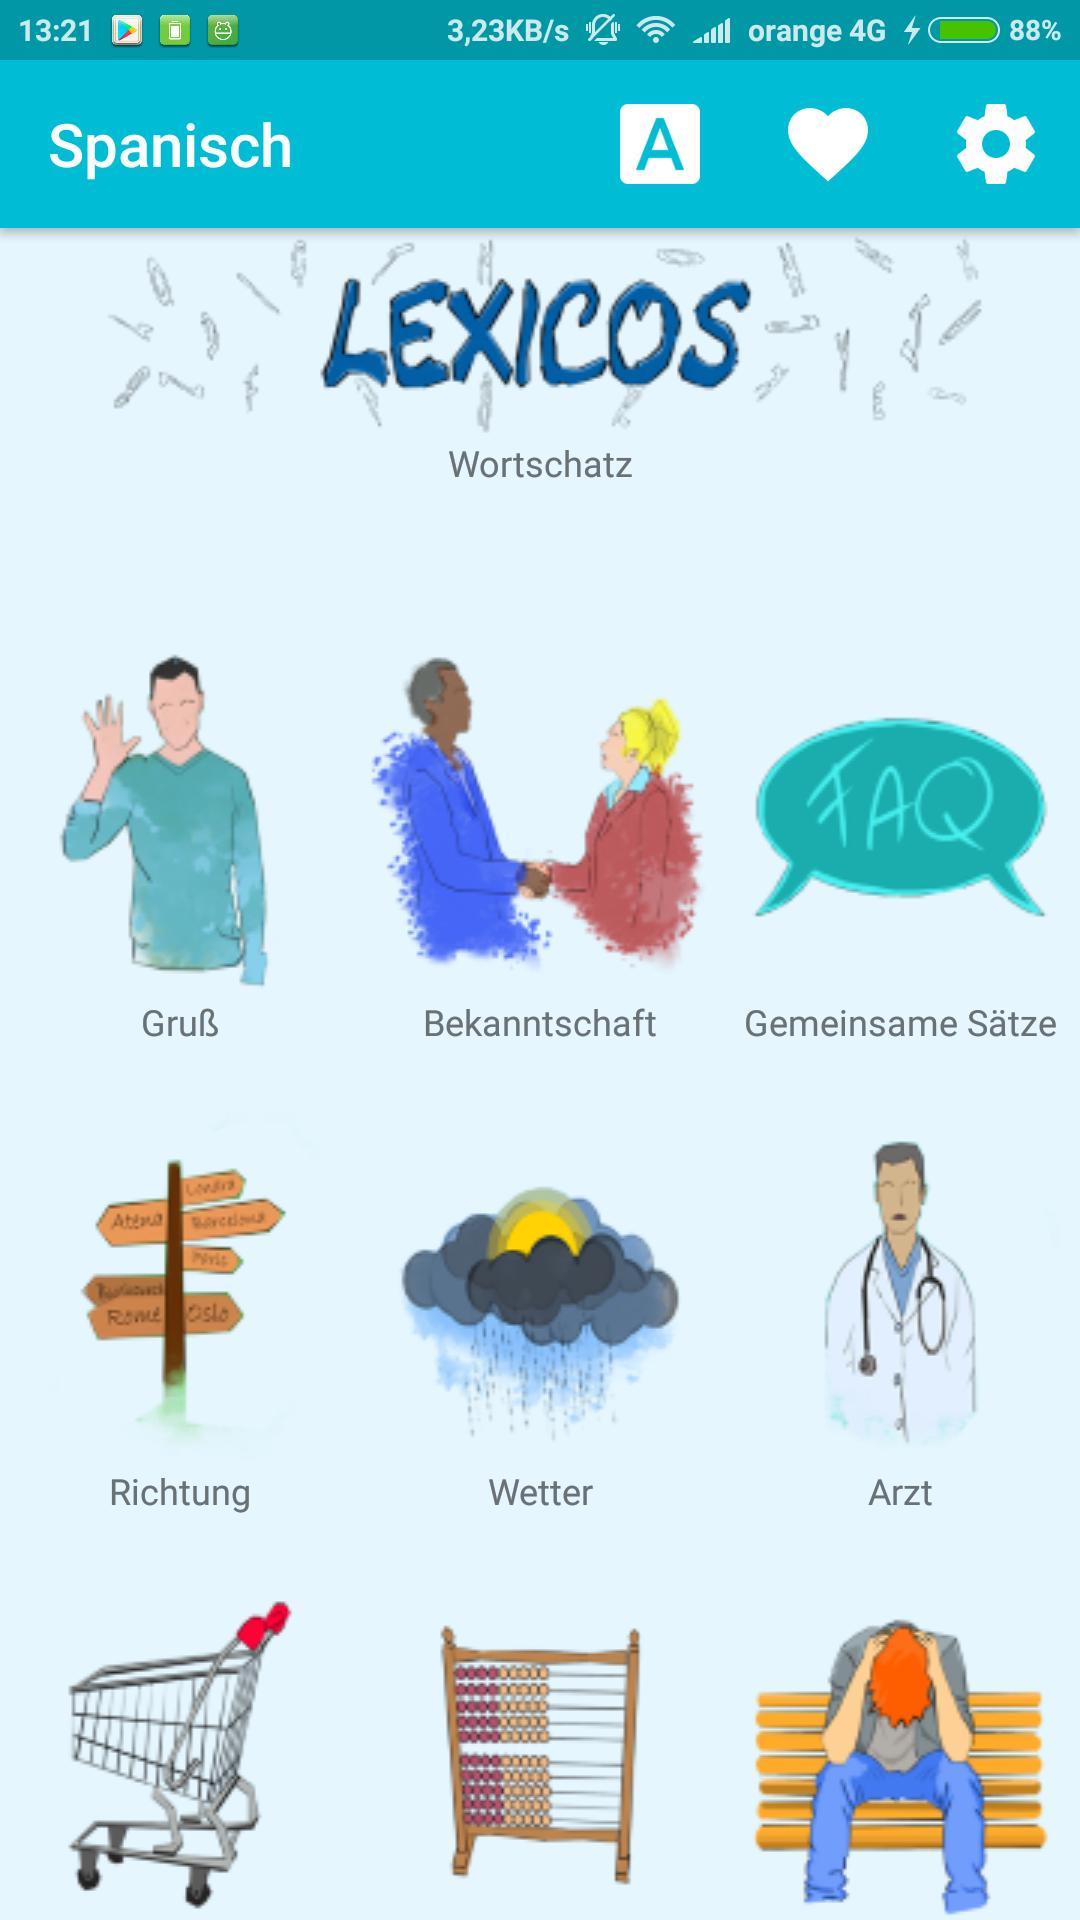 Bekanntschaft - Spanisch-Übersetzung - Langenscheidt Deutsch-Spanisch Wörterbuch